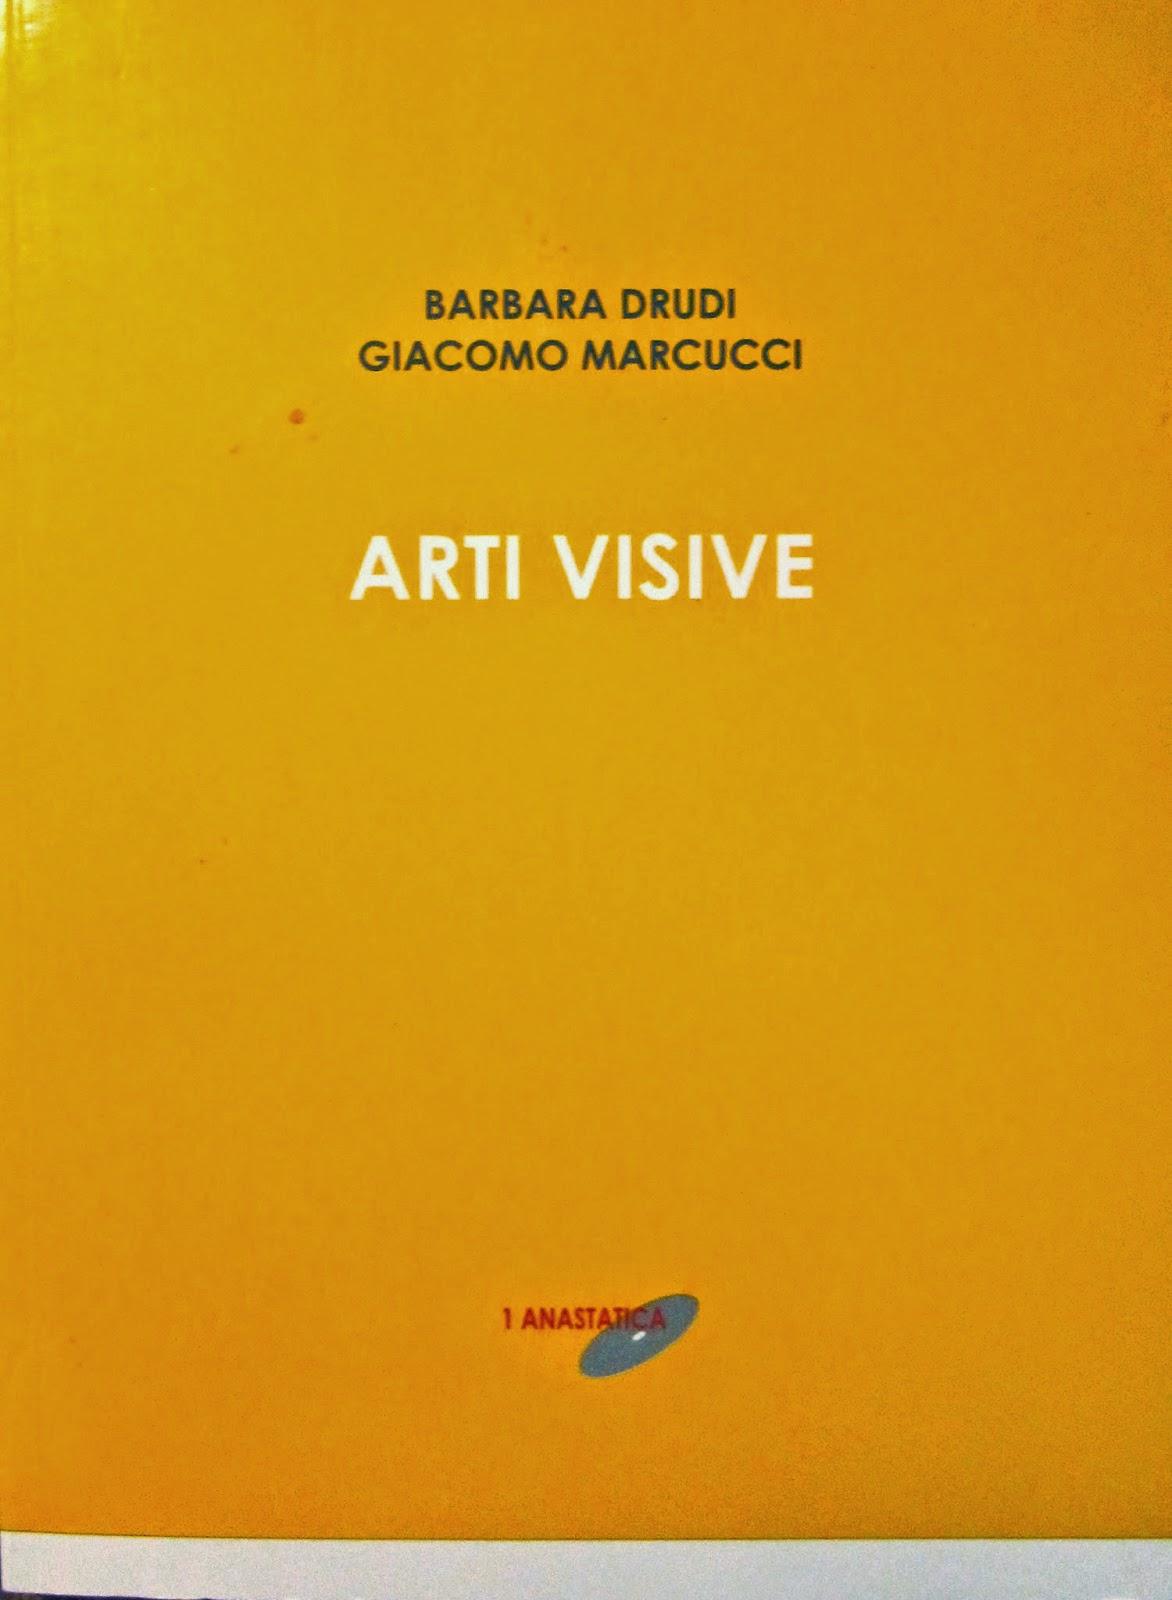 Arti visive 1952 - 1958